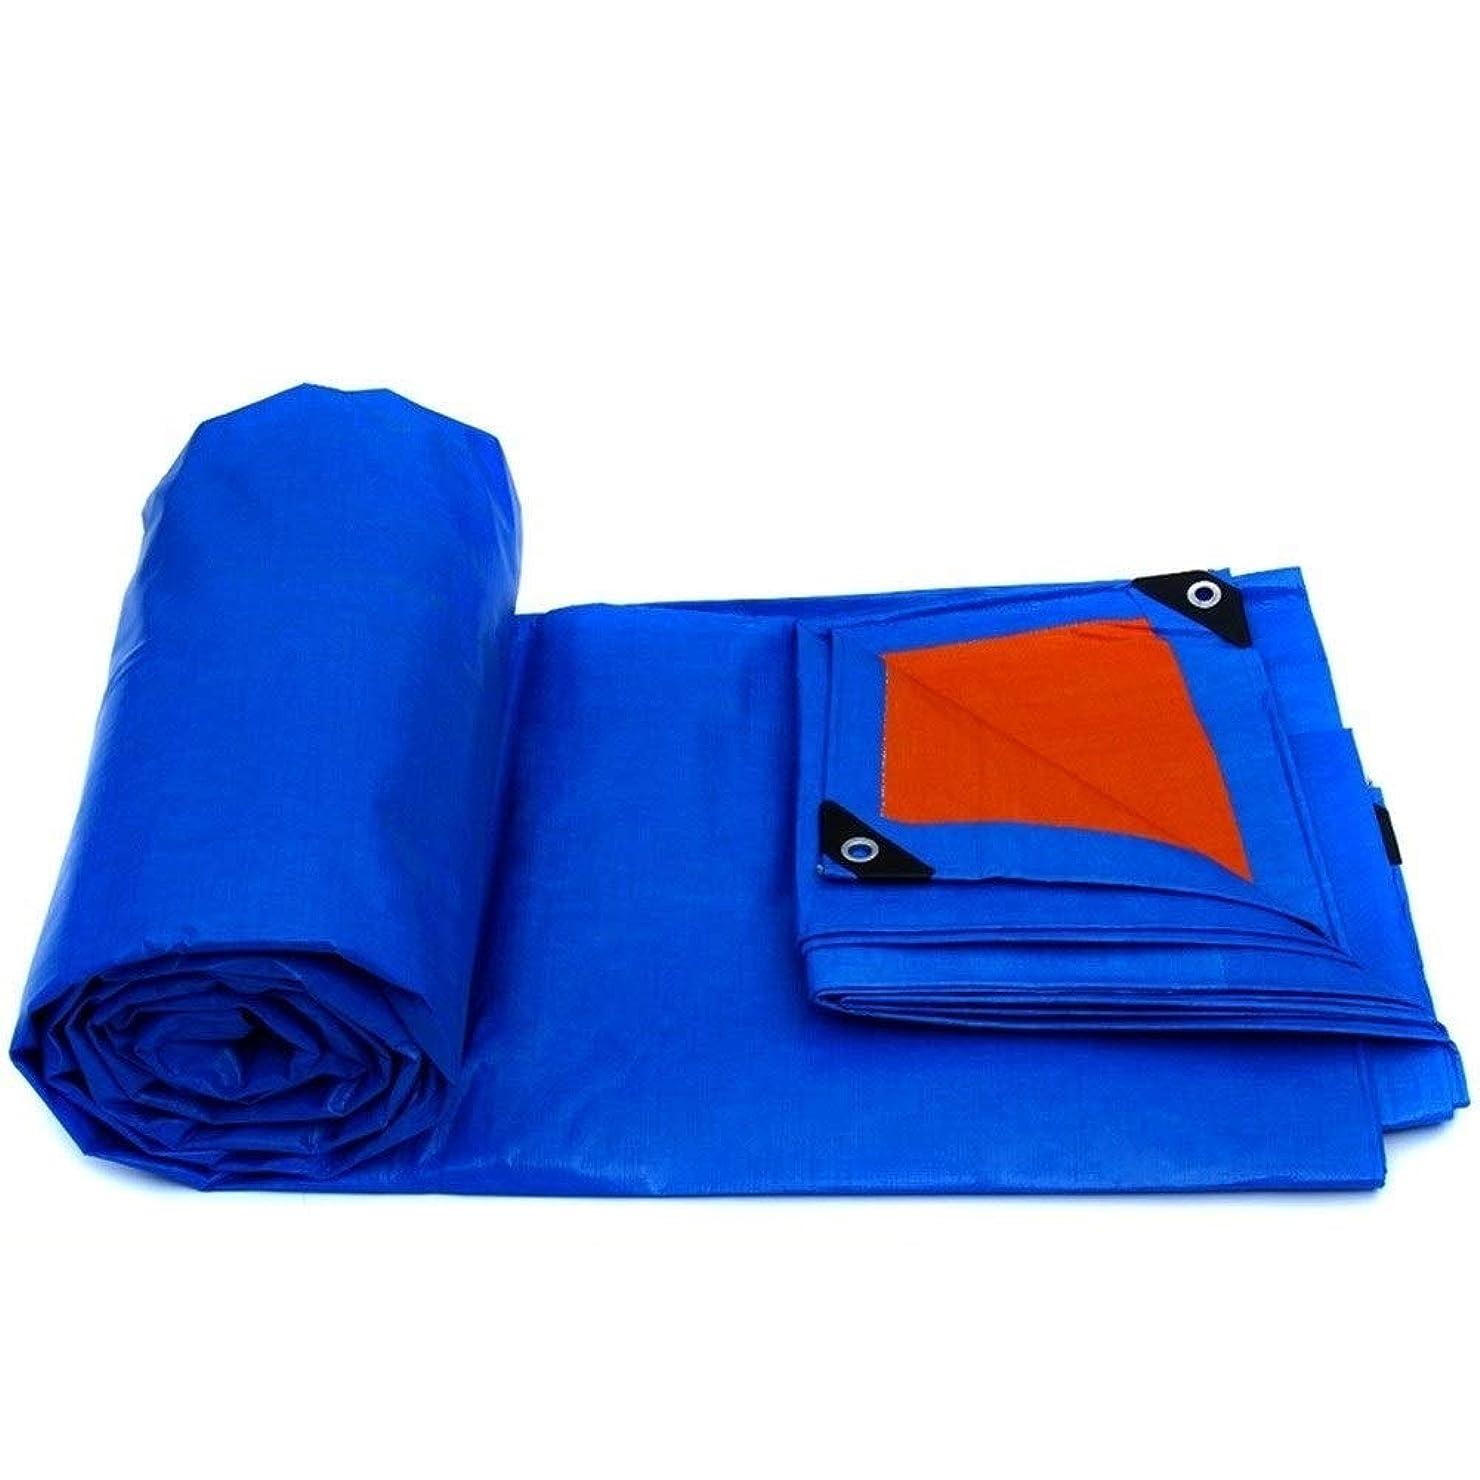 線形アジテーション調停するLCAIHUA 防水シート耐摩耗性高温ヒートシールボタンホールアウトドア、ポリエチレン、18サイズ (Color : Blue, Size : 12×8m)